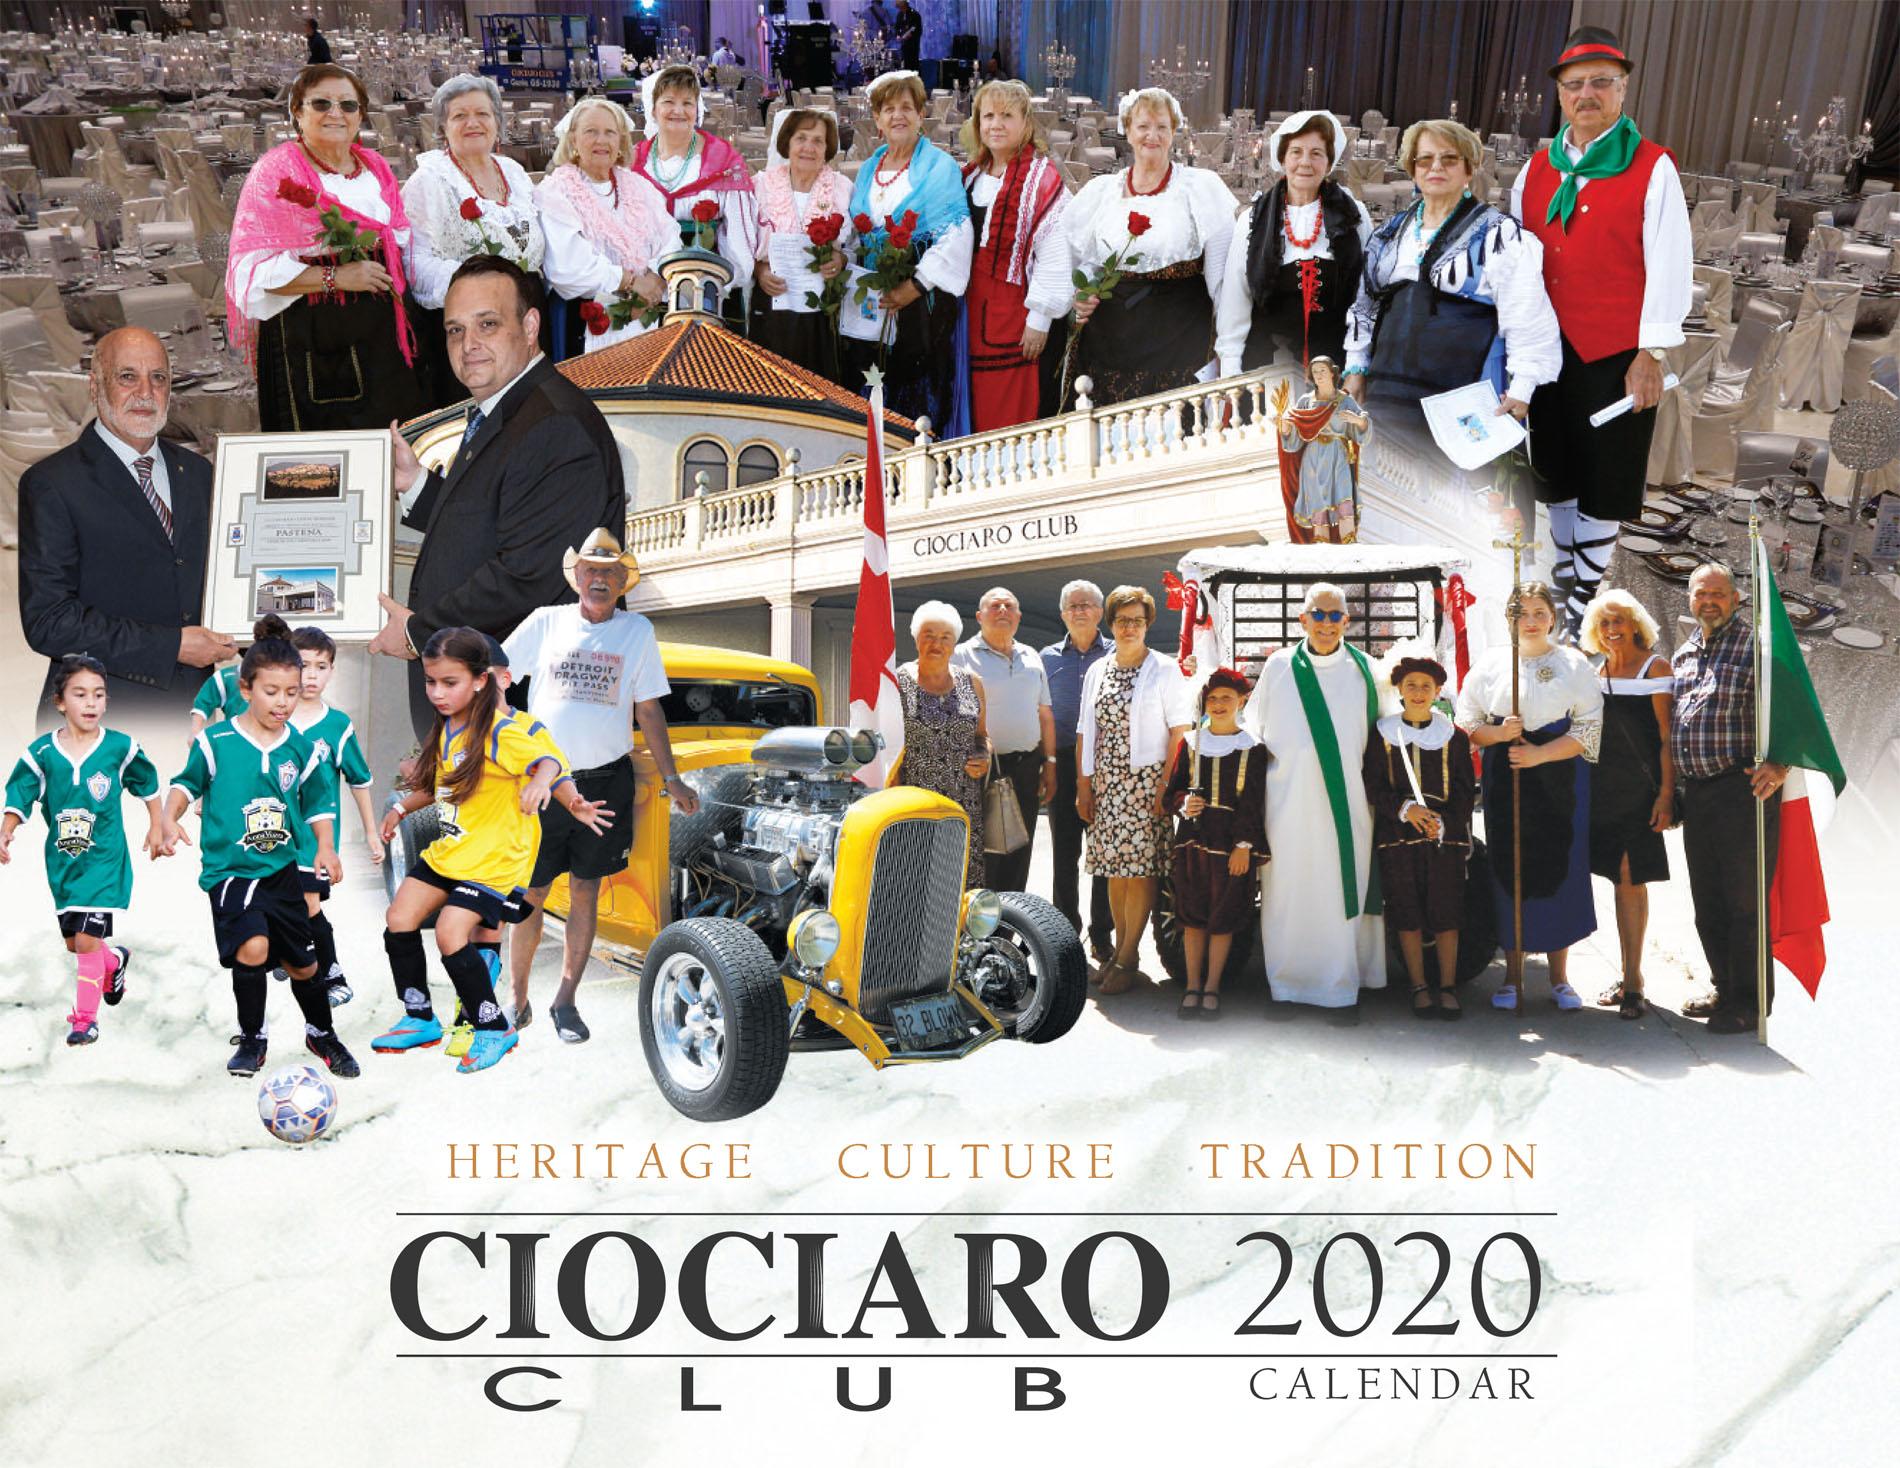 Ciociaro Club 2020 Calendar